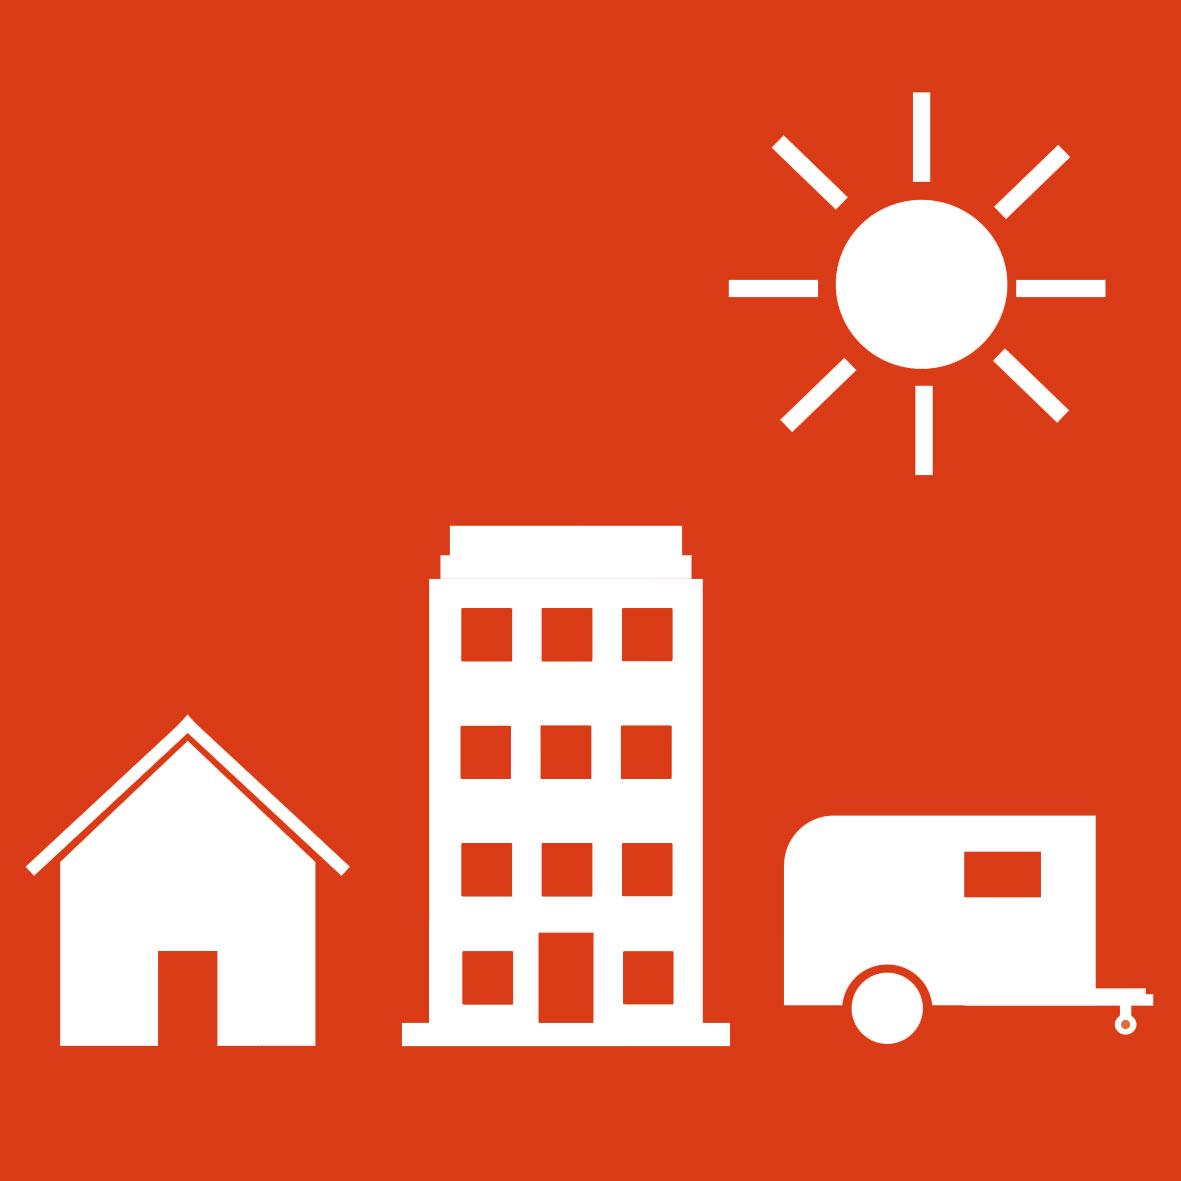 house building car sun